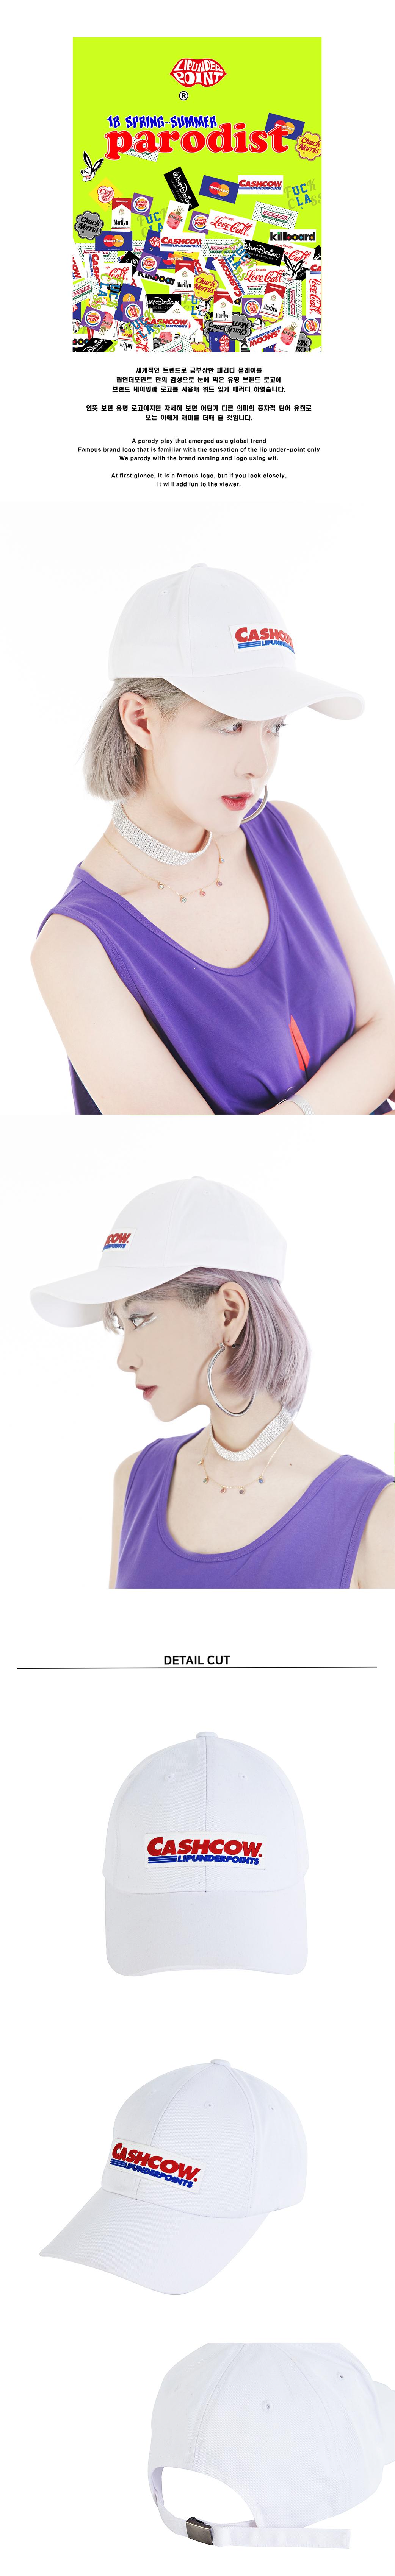 캐시카우화이트-모자.jpg